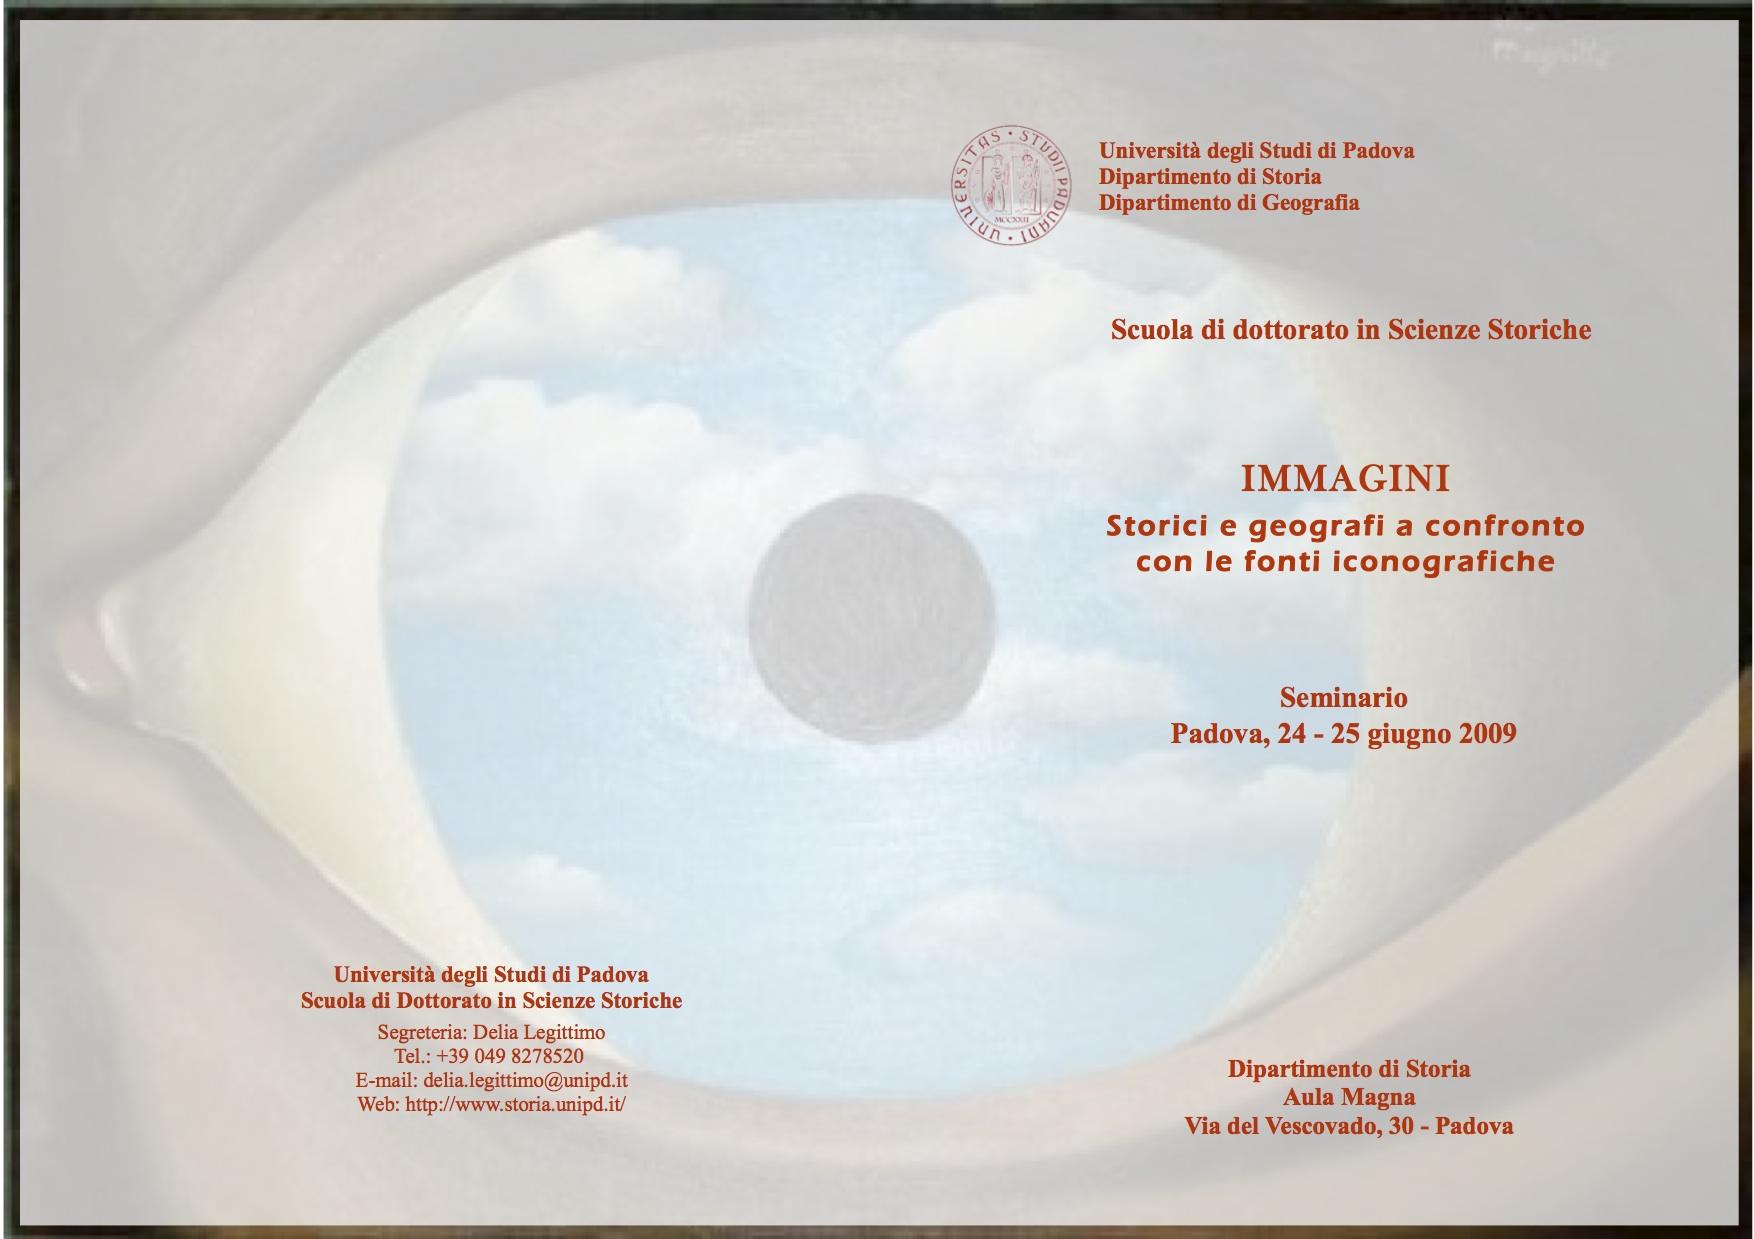 2009-06 (PD) Immagini. Storici e geografi a confronto con le fonti iconografiche.jpg